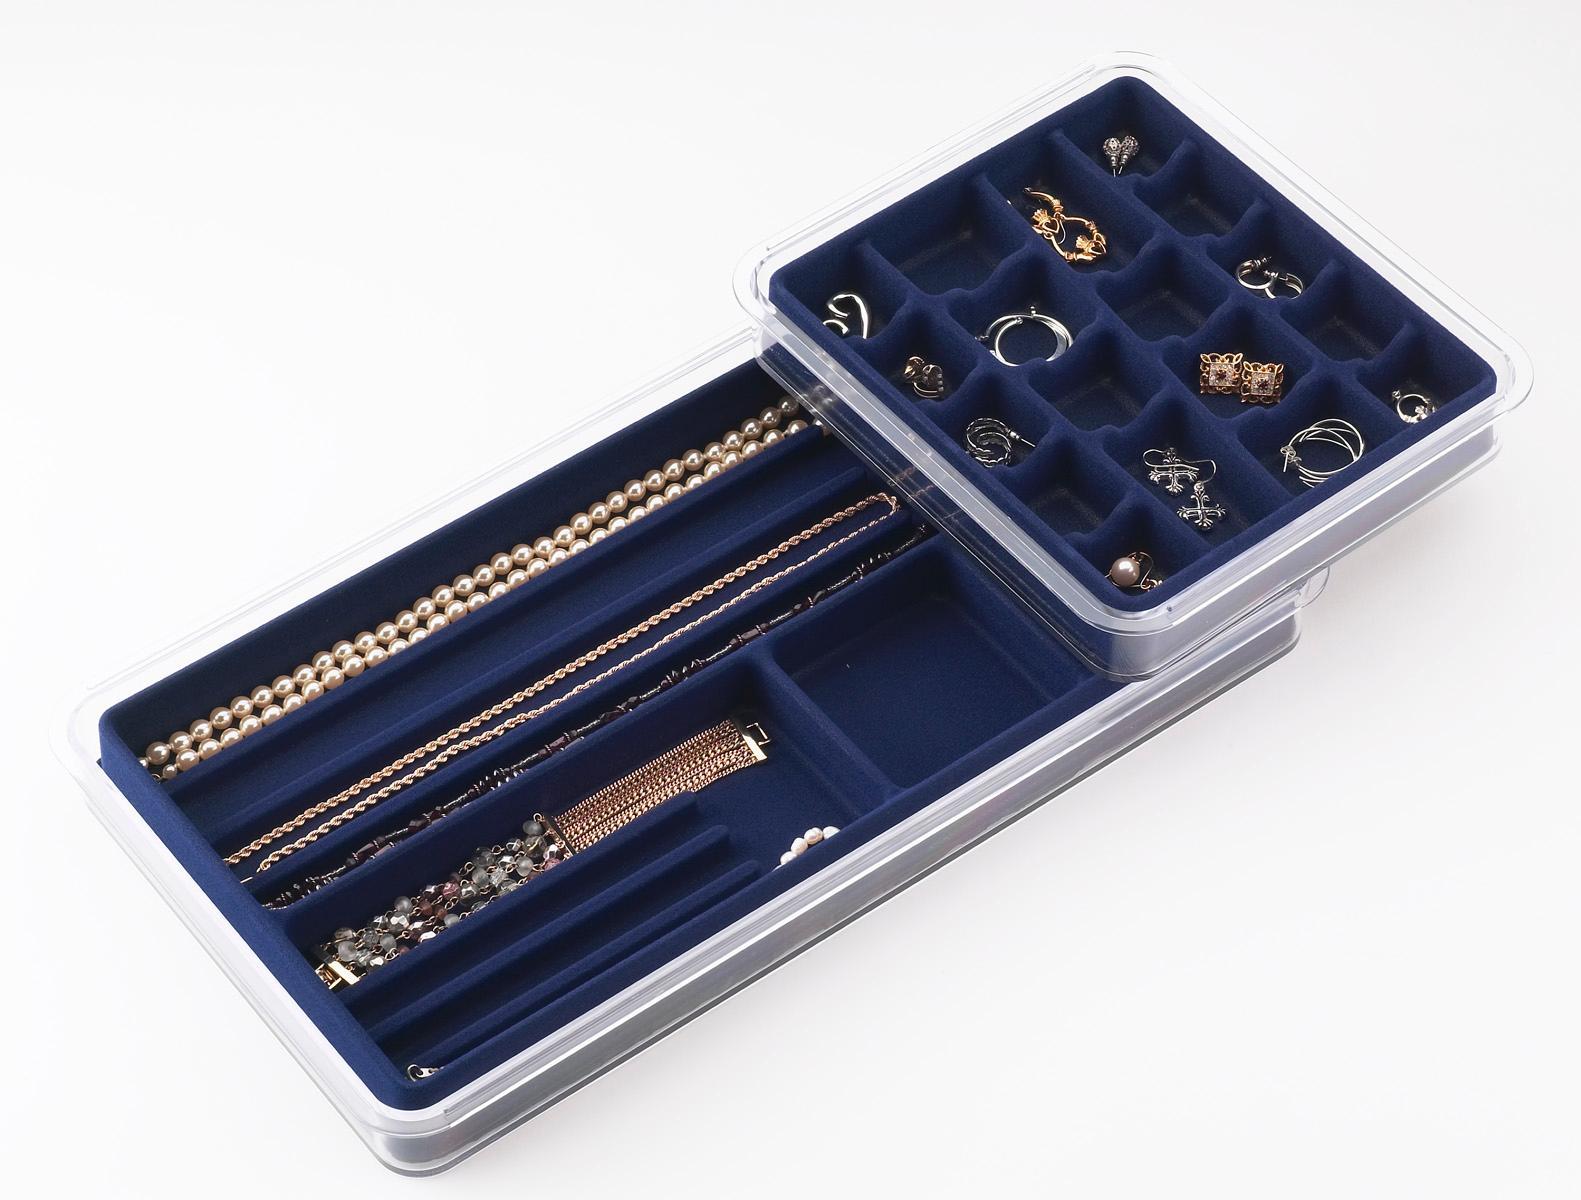 Amazoncom Neatnix Stax Jewelry Organizer Tray 36 Compartments